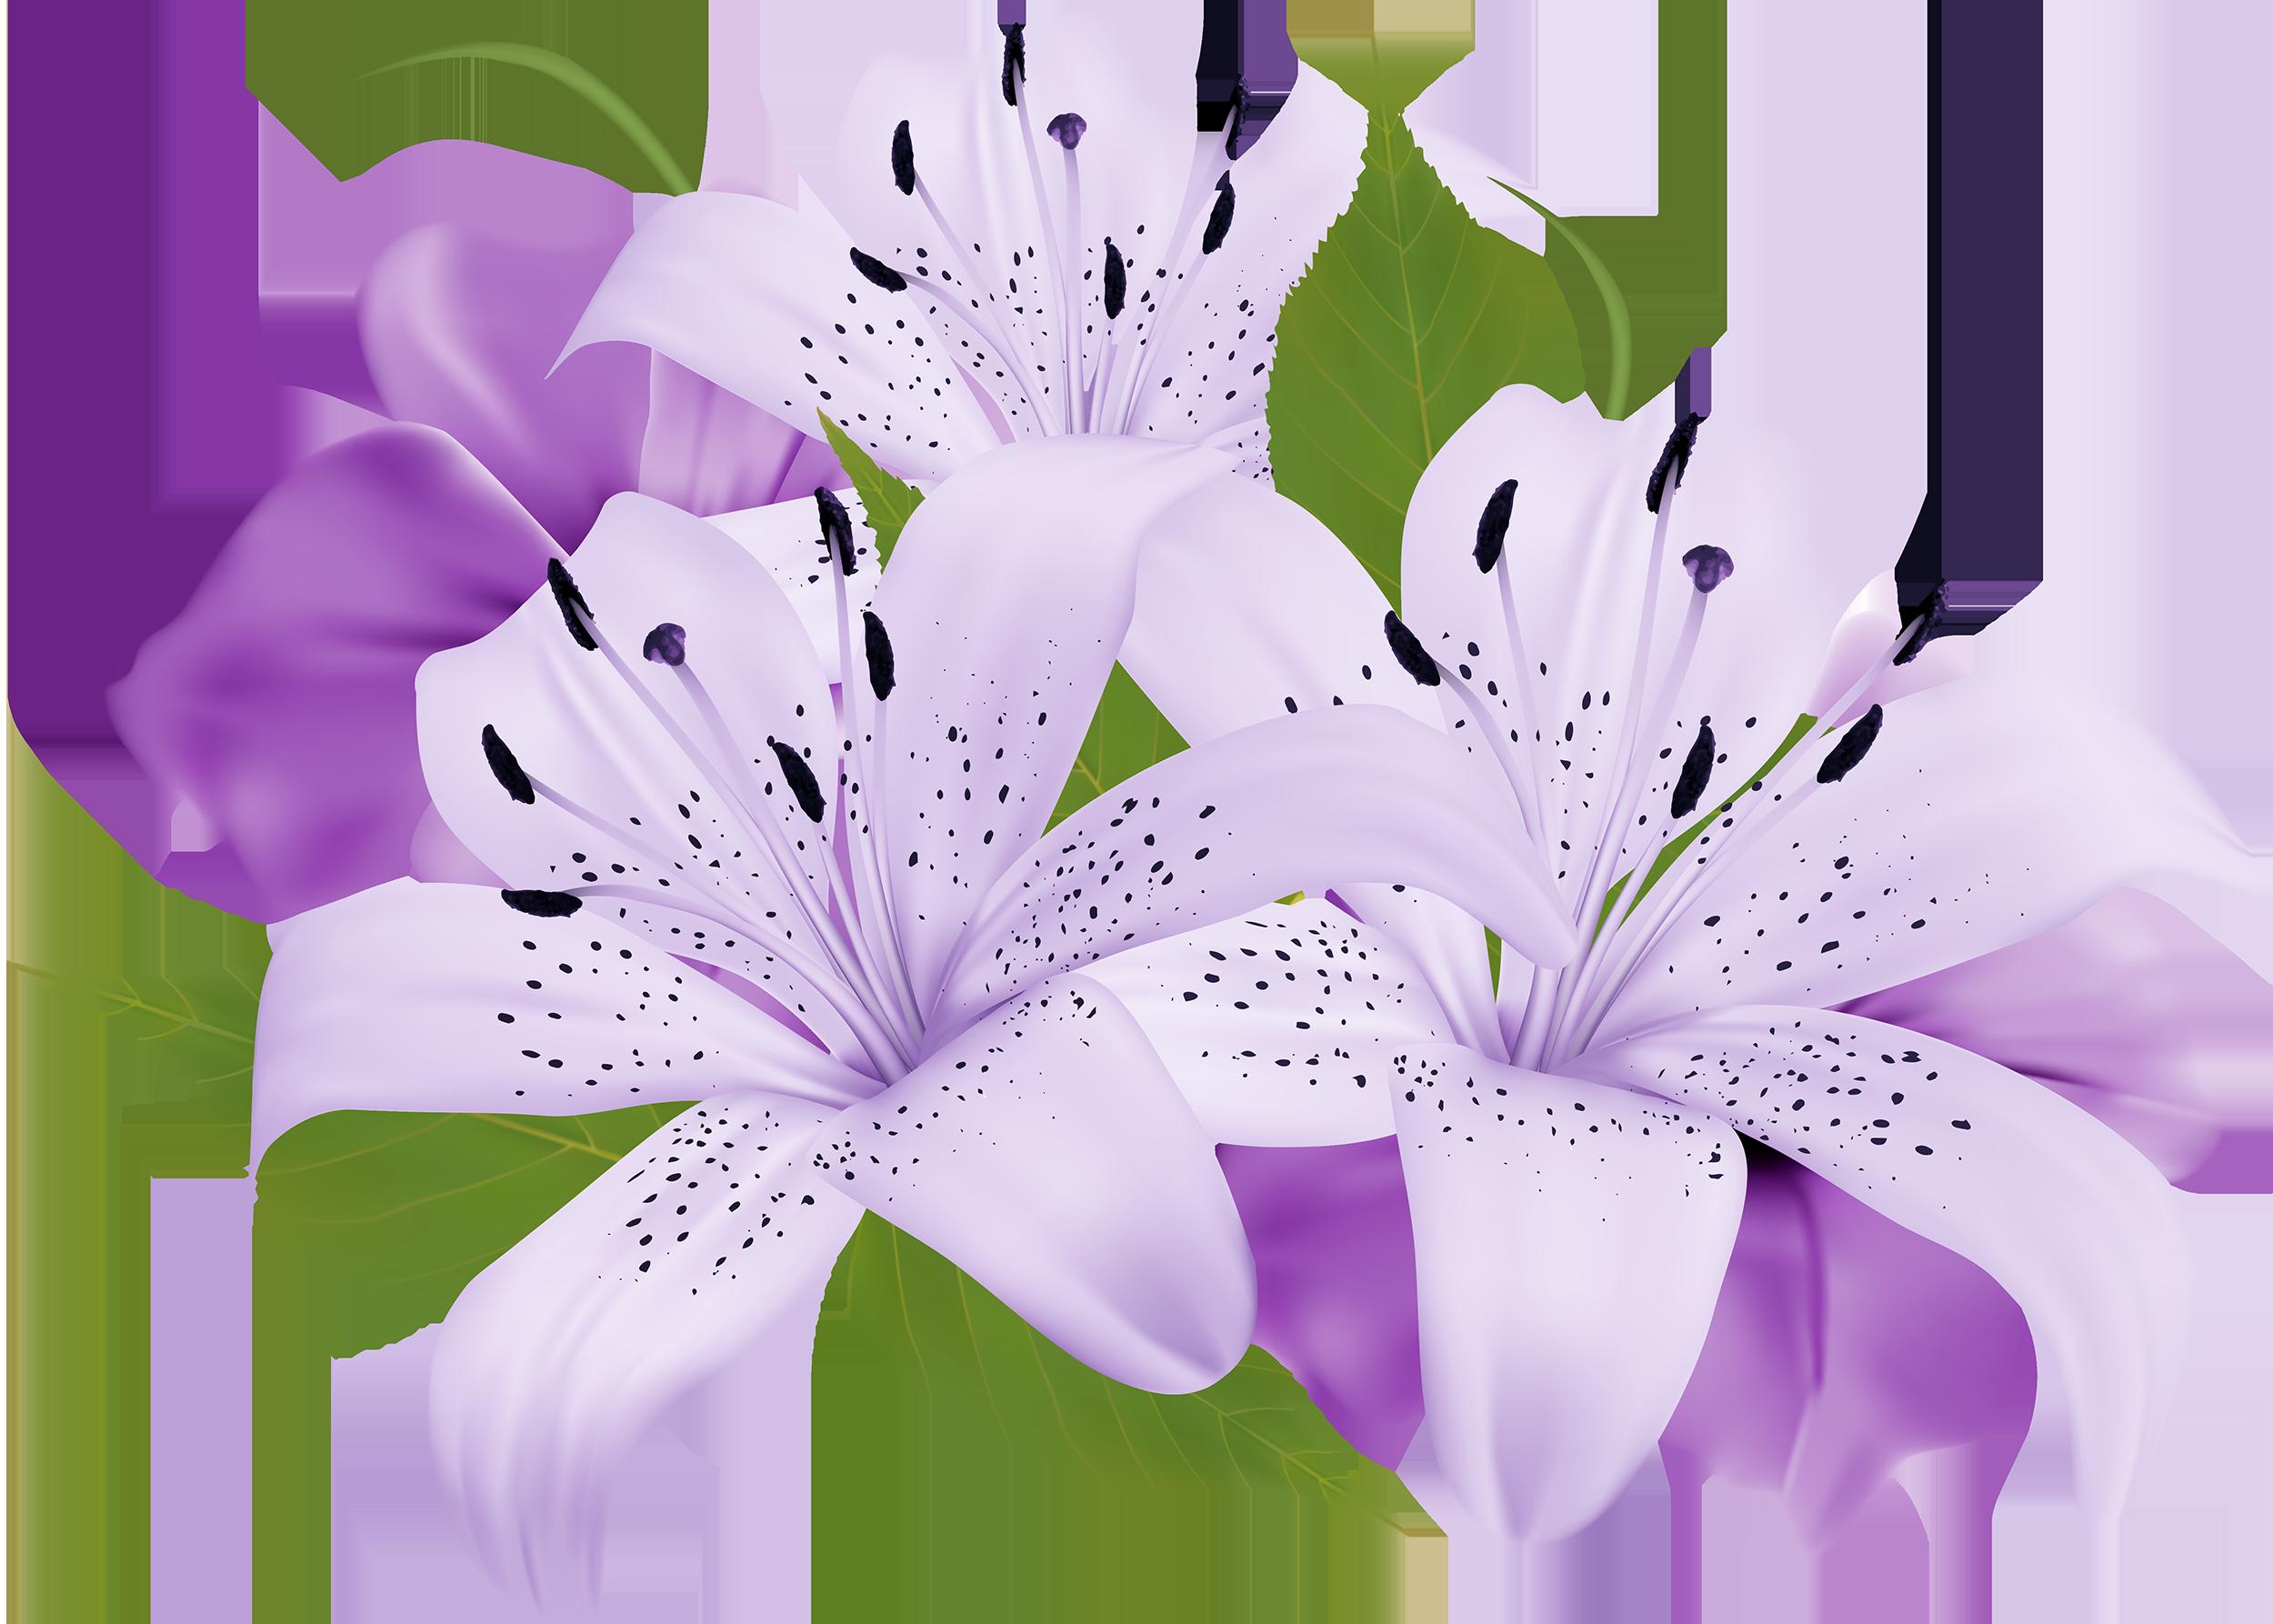 Decoration clipart pretty flower Pinterest PNG  Decorative Flowers